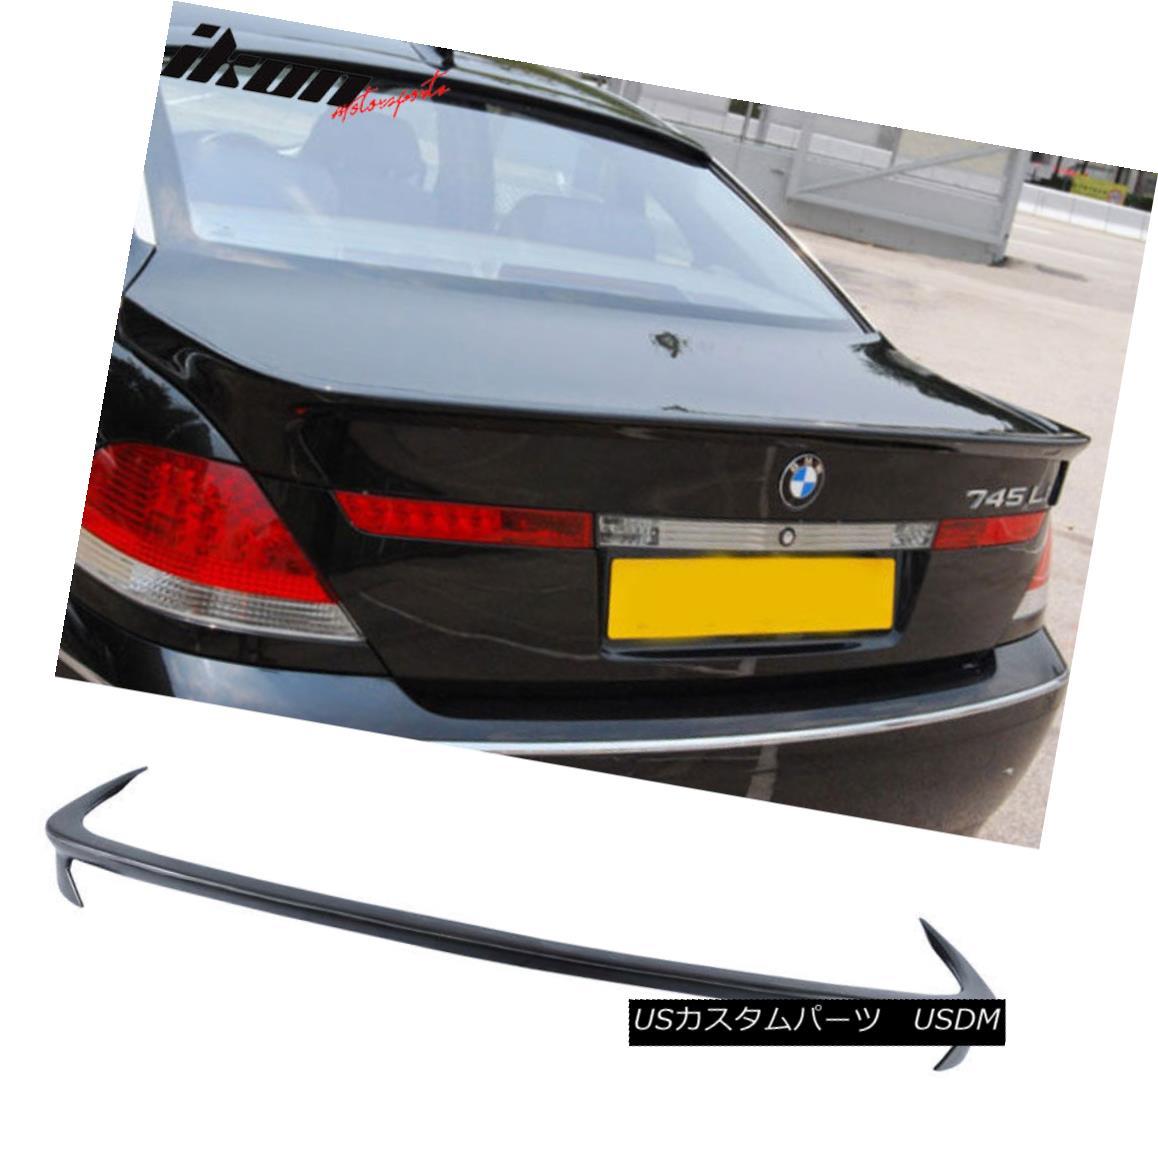 エアロパーツ 02-05 BMW E65 7-Series AC-S Style Unpainted Trunk Spoiler - Urethane PU 02-05 BMW E65 7シリーズAC-Sスタイル無塗装トランク・スポイラー - ウレタンPU